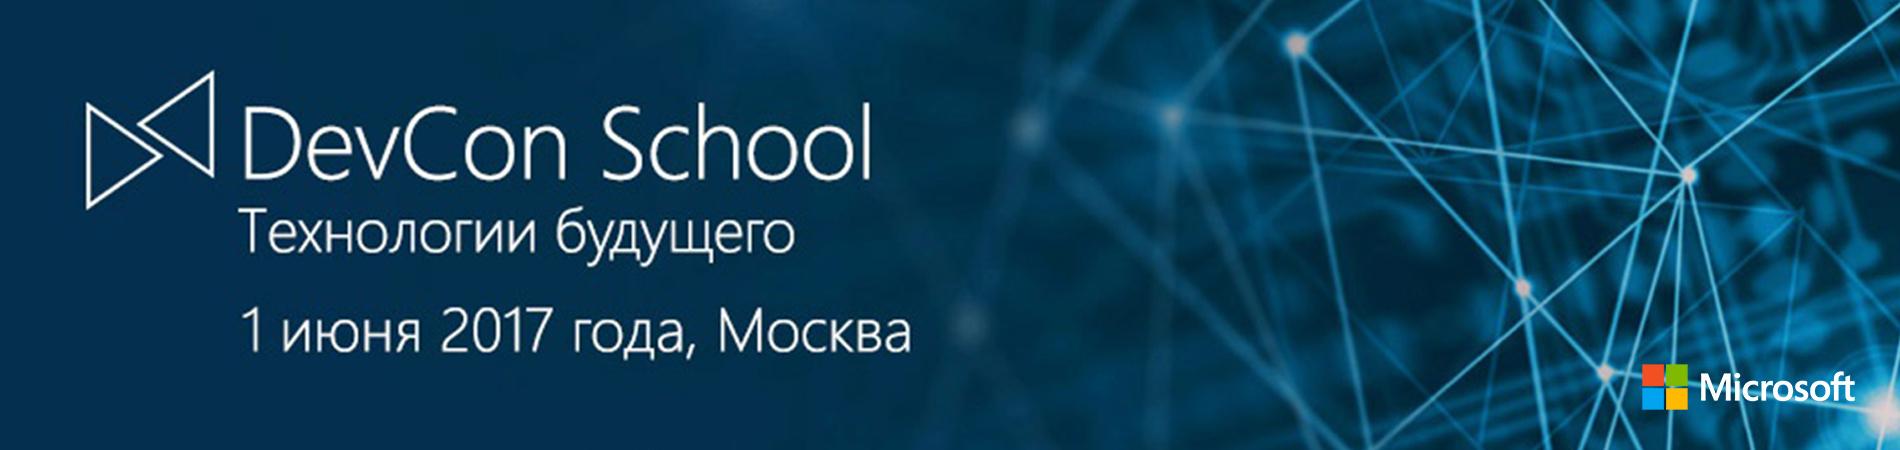 Июньская DevCon-школа: AI, BlockChain, Azure Stack и 12 мастер-классов